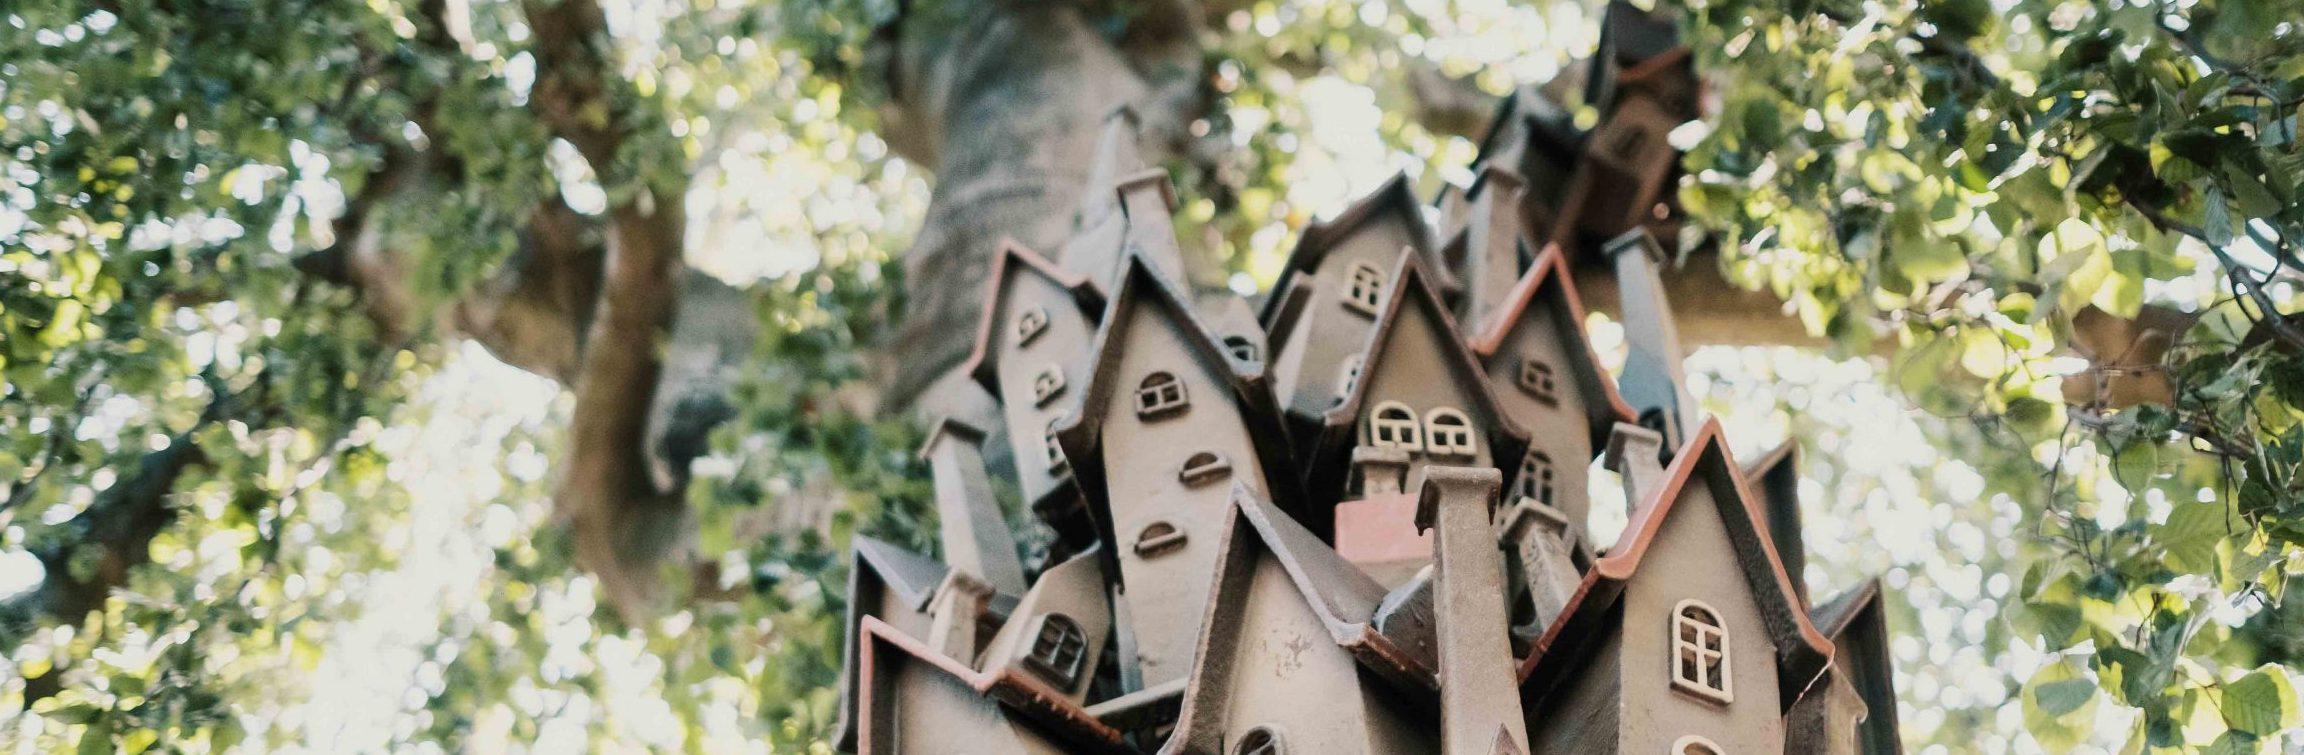 Bild på små hus i träd - konstverk i träden i Folkets Park